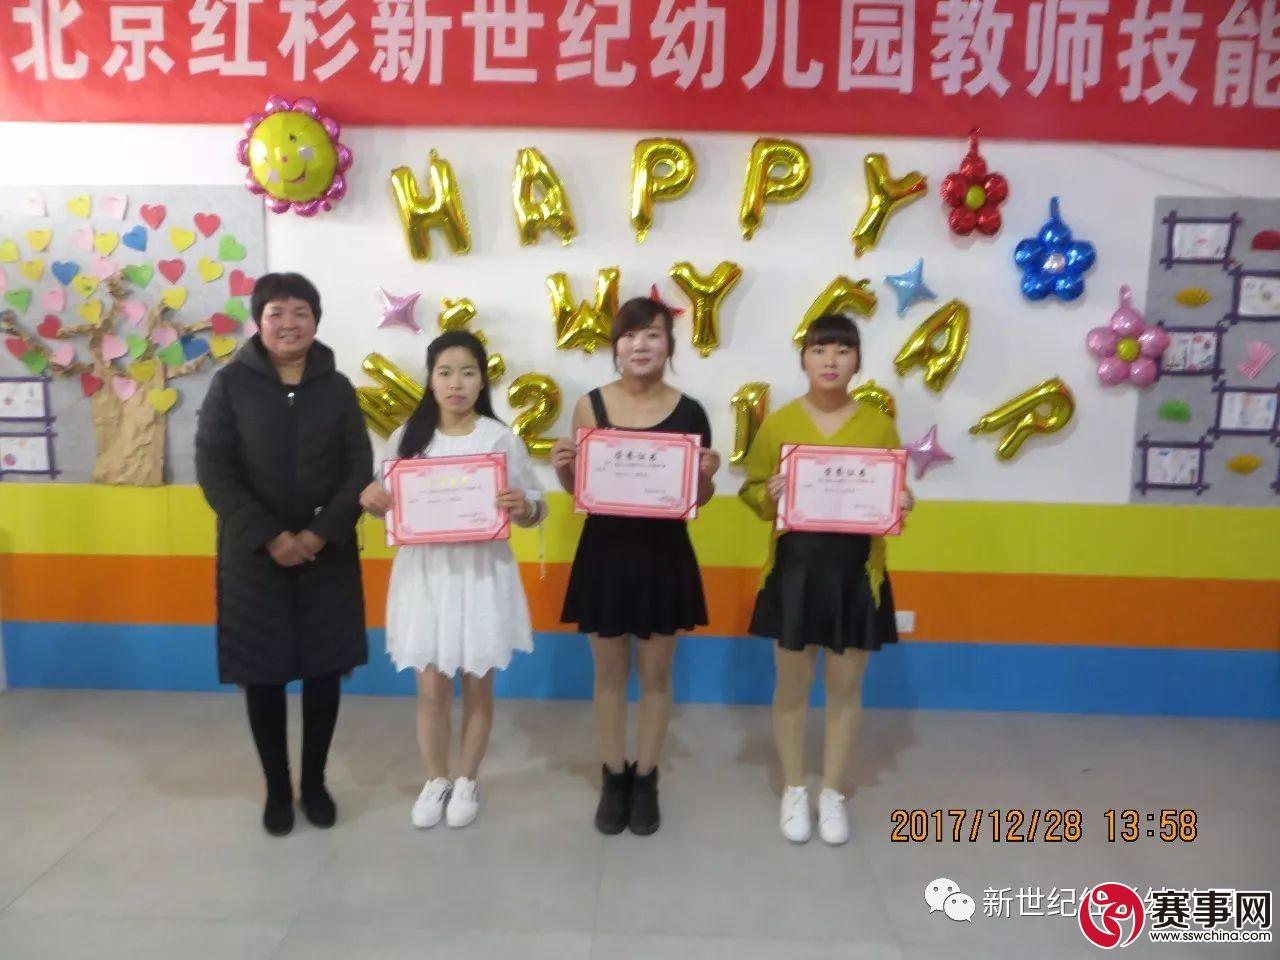 北京红杉优幼新世纪幼儿园2017教师舞蹈技能比赛